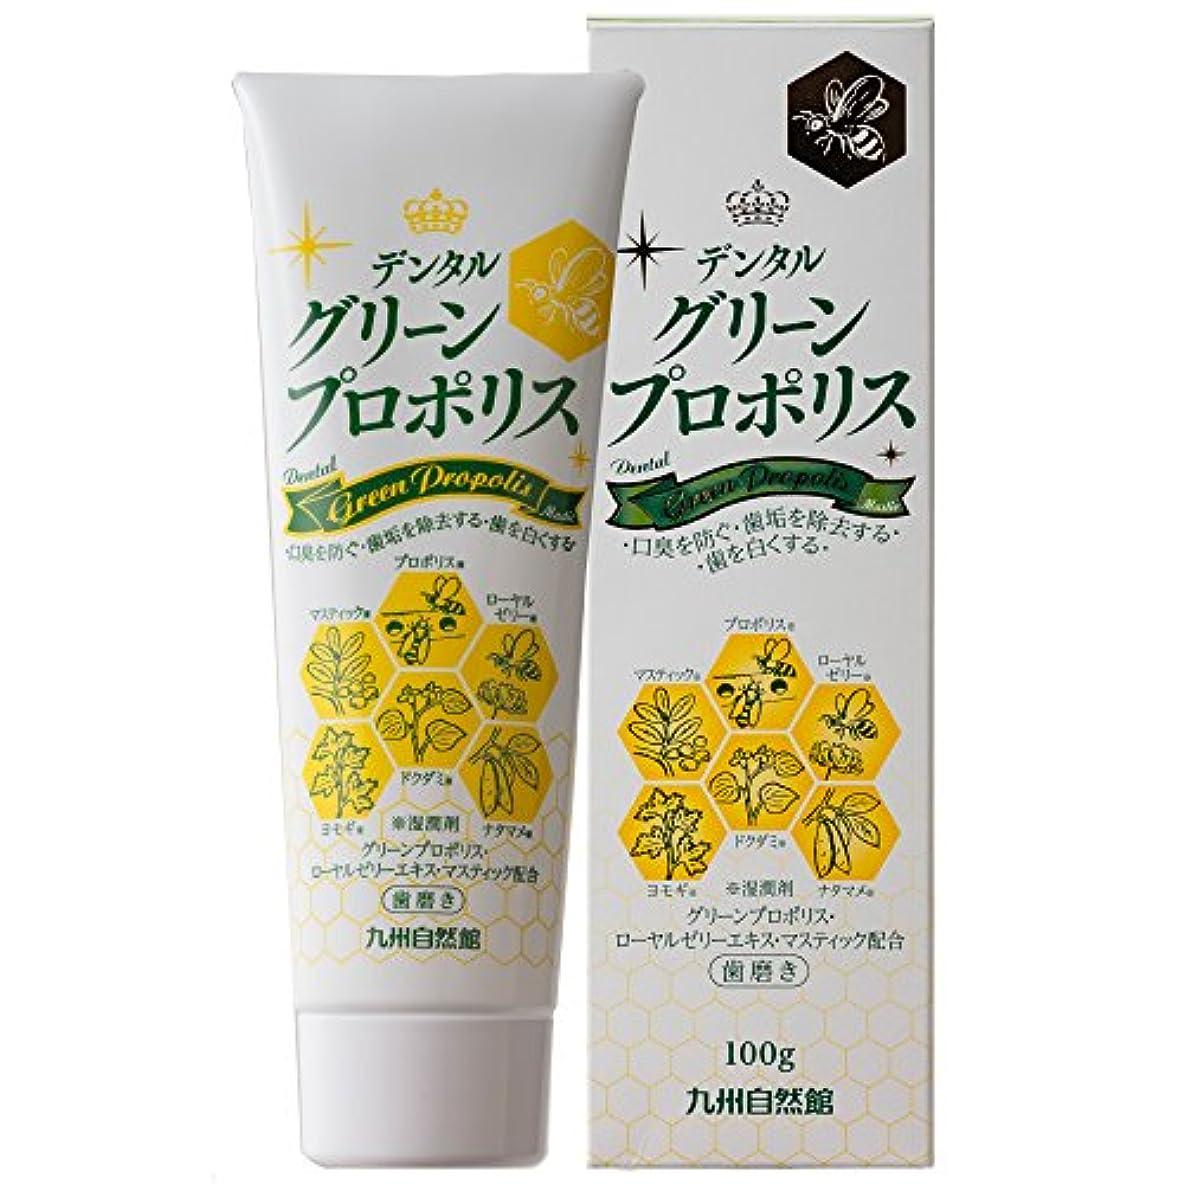 希少性石鹸正確やずやグループ九州自然館 デンタルグリーンプロポリス100g/約1ヵ月分